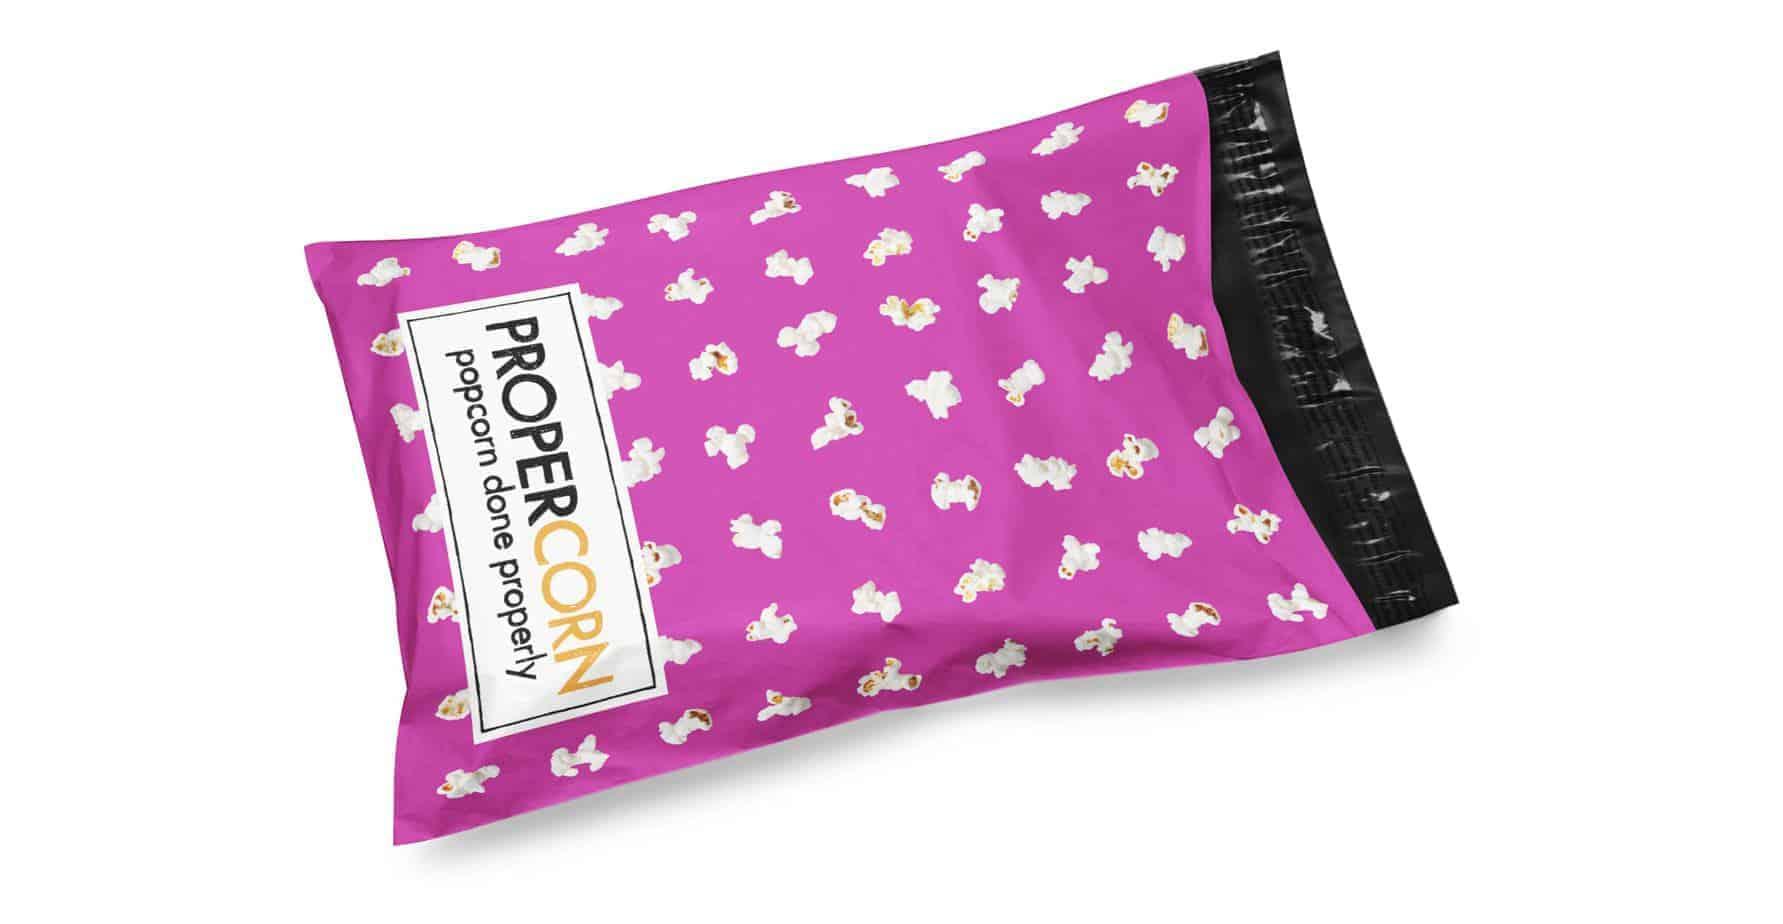 Propercorn Pink Custom Printed Mailing Bags / Printed Postal Bags